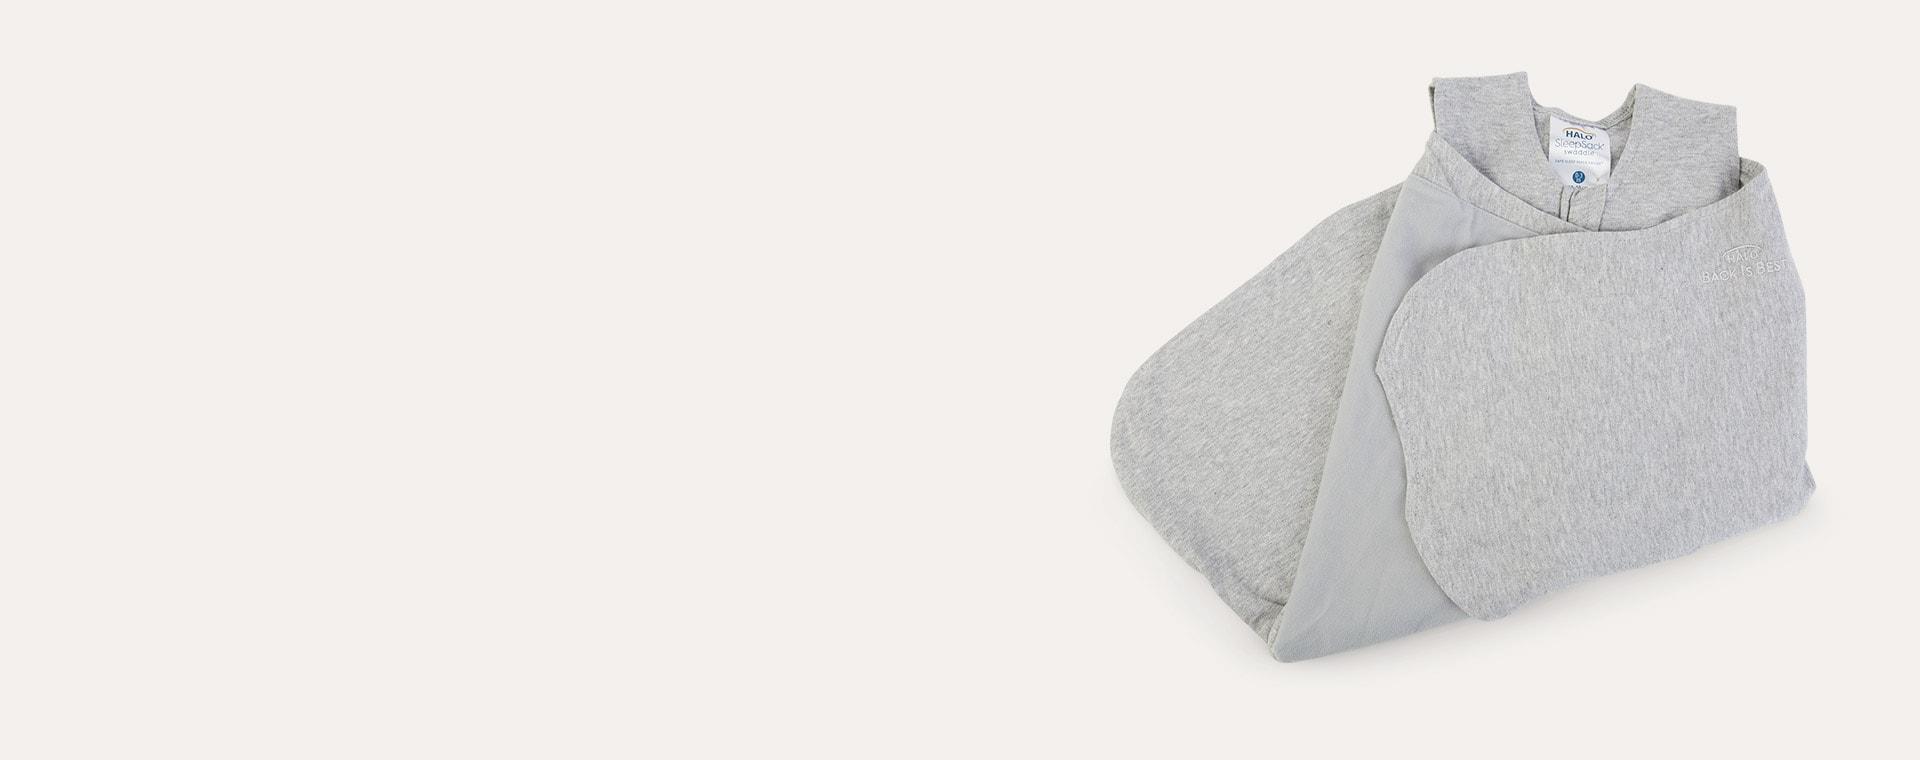 Heather Grey Halo SleepSack Swaddle 1.5 TOG